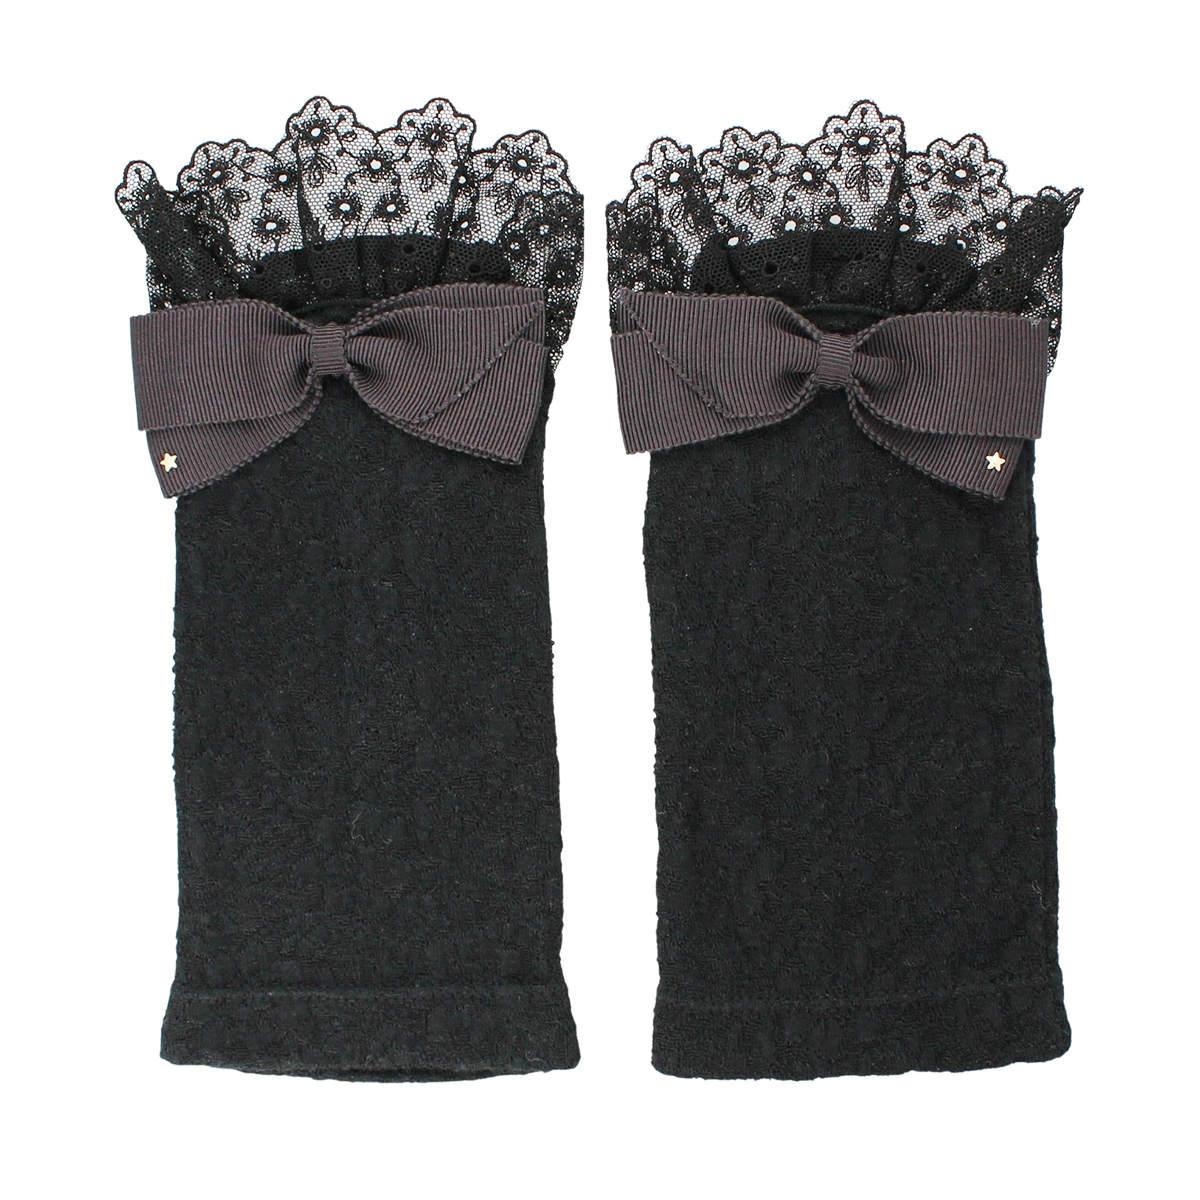 アルタクラッセ UV手袋 UVカット 紫外線対策 ショート丈 19cm 指なし スマホ タッチパネル対応 フェミニン リボン レース チュール かわいい プレゼント